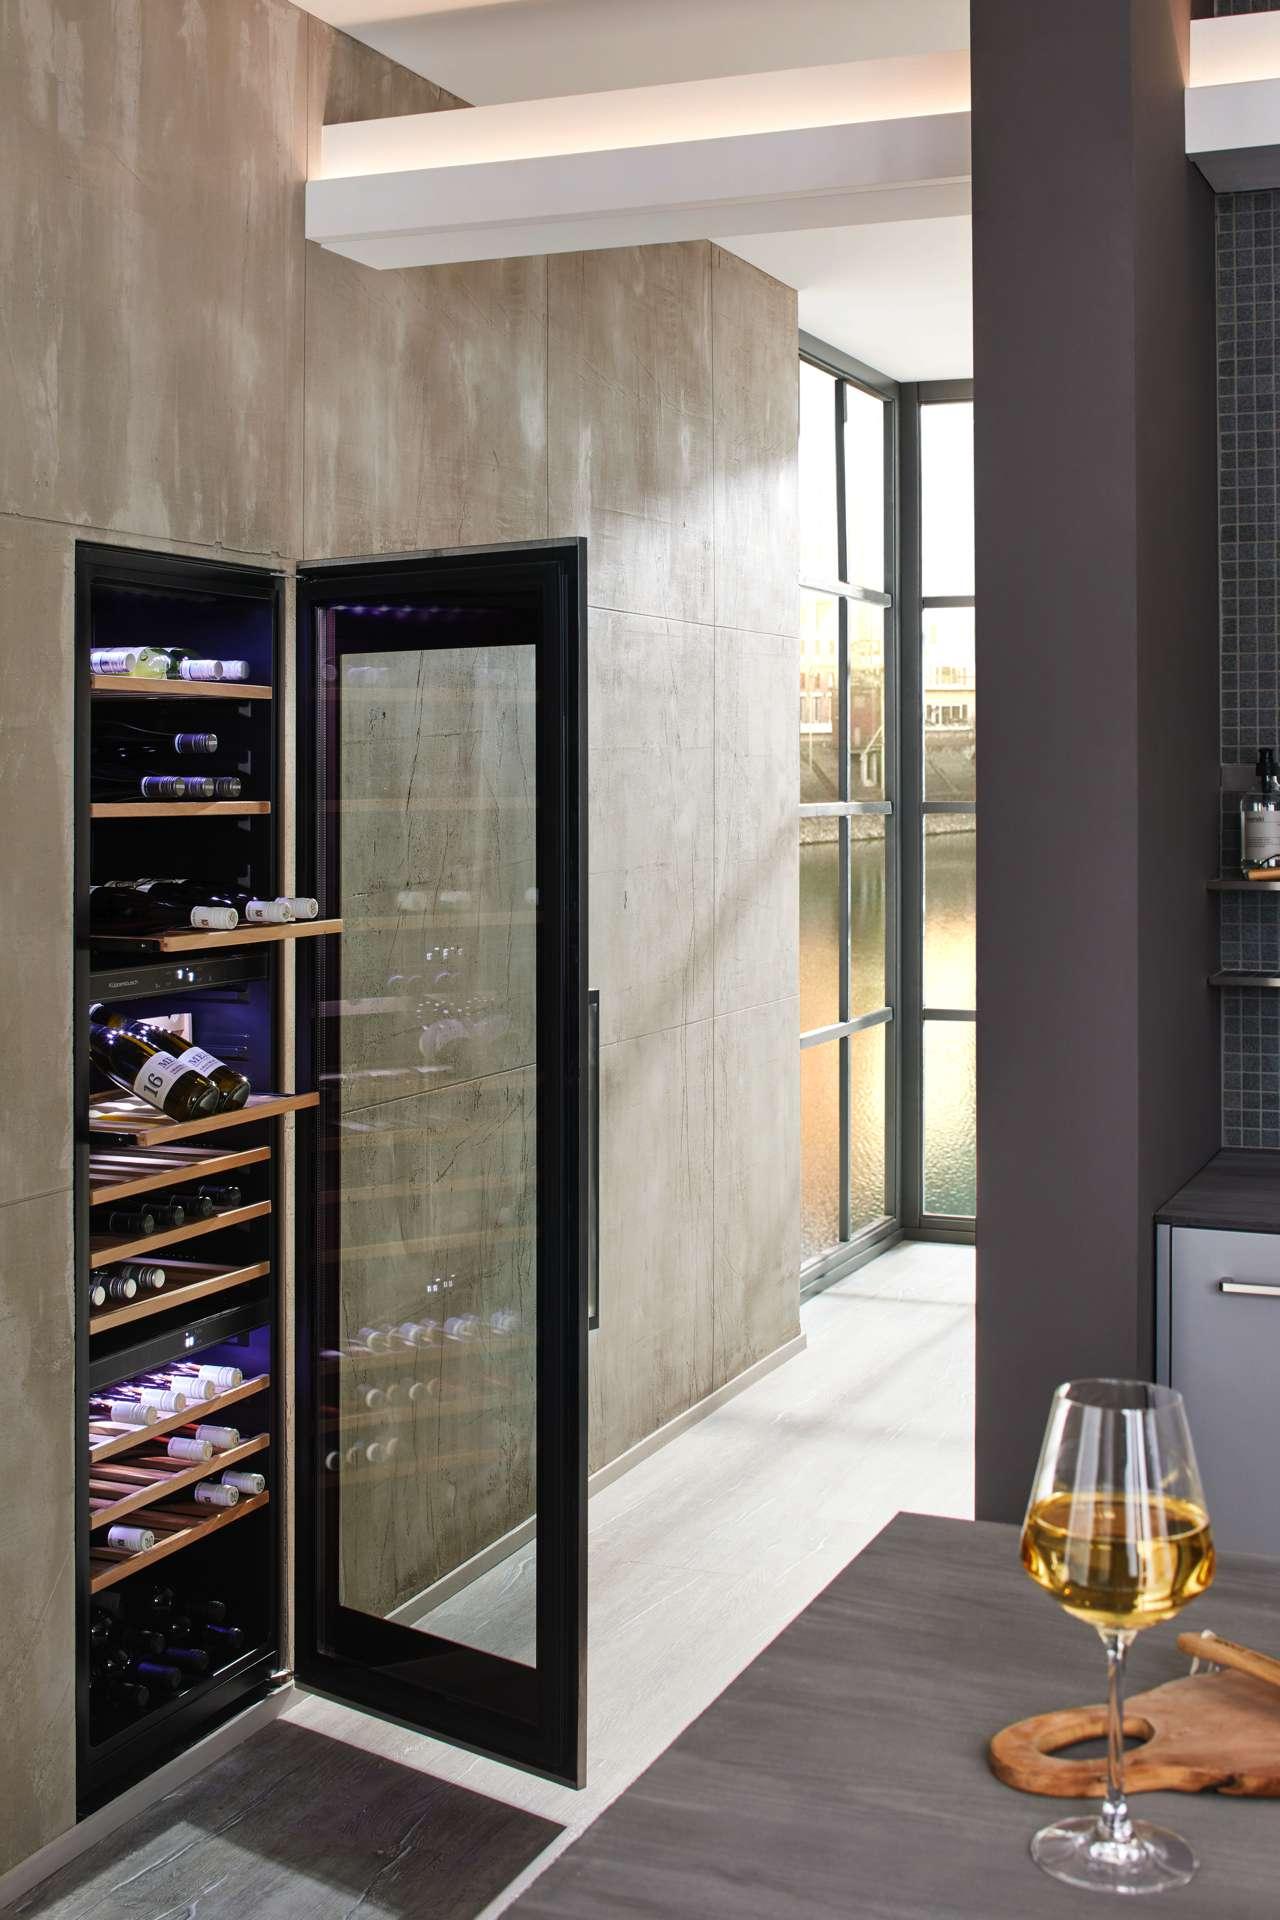 Wein perfekt geniessen | Küchen Journal